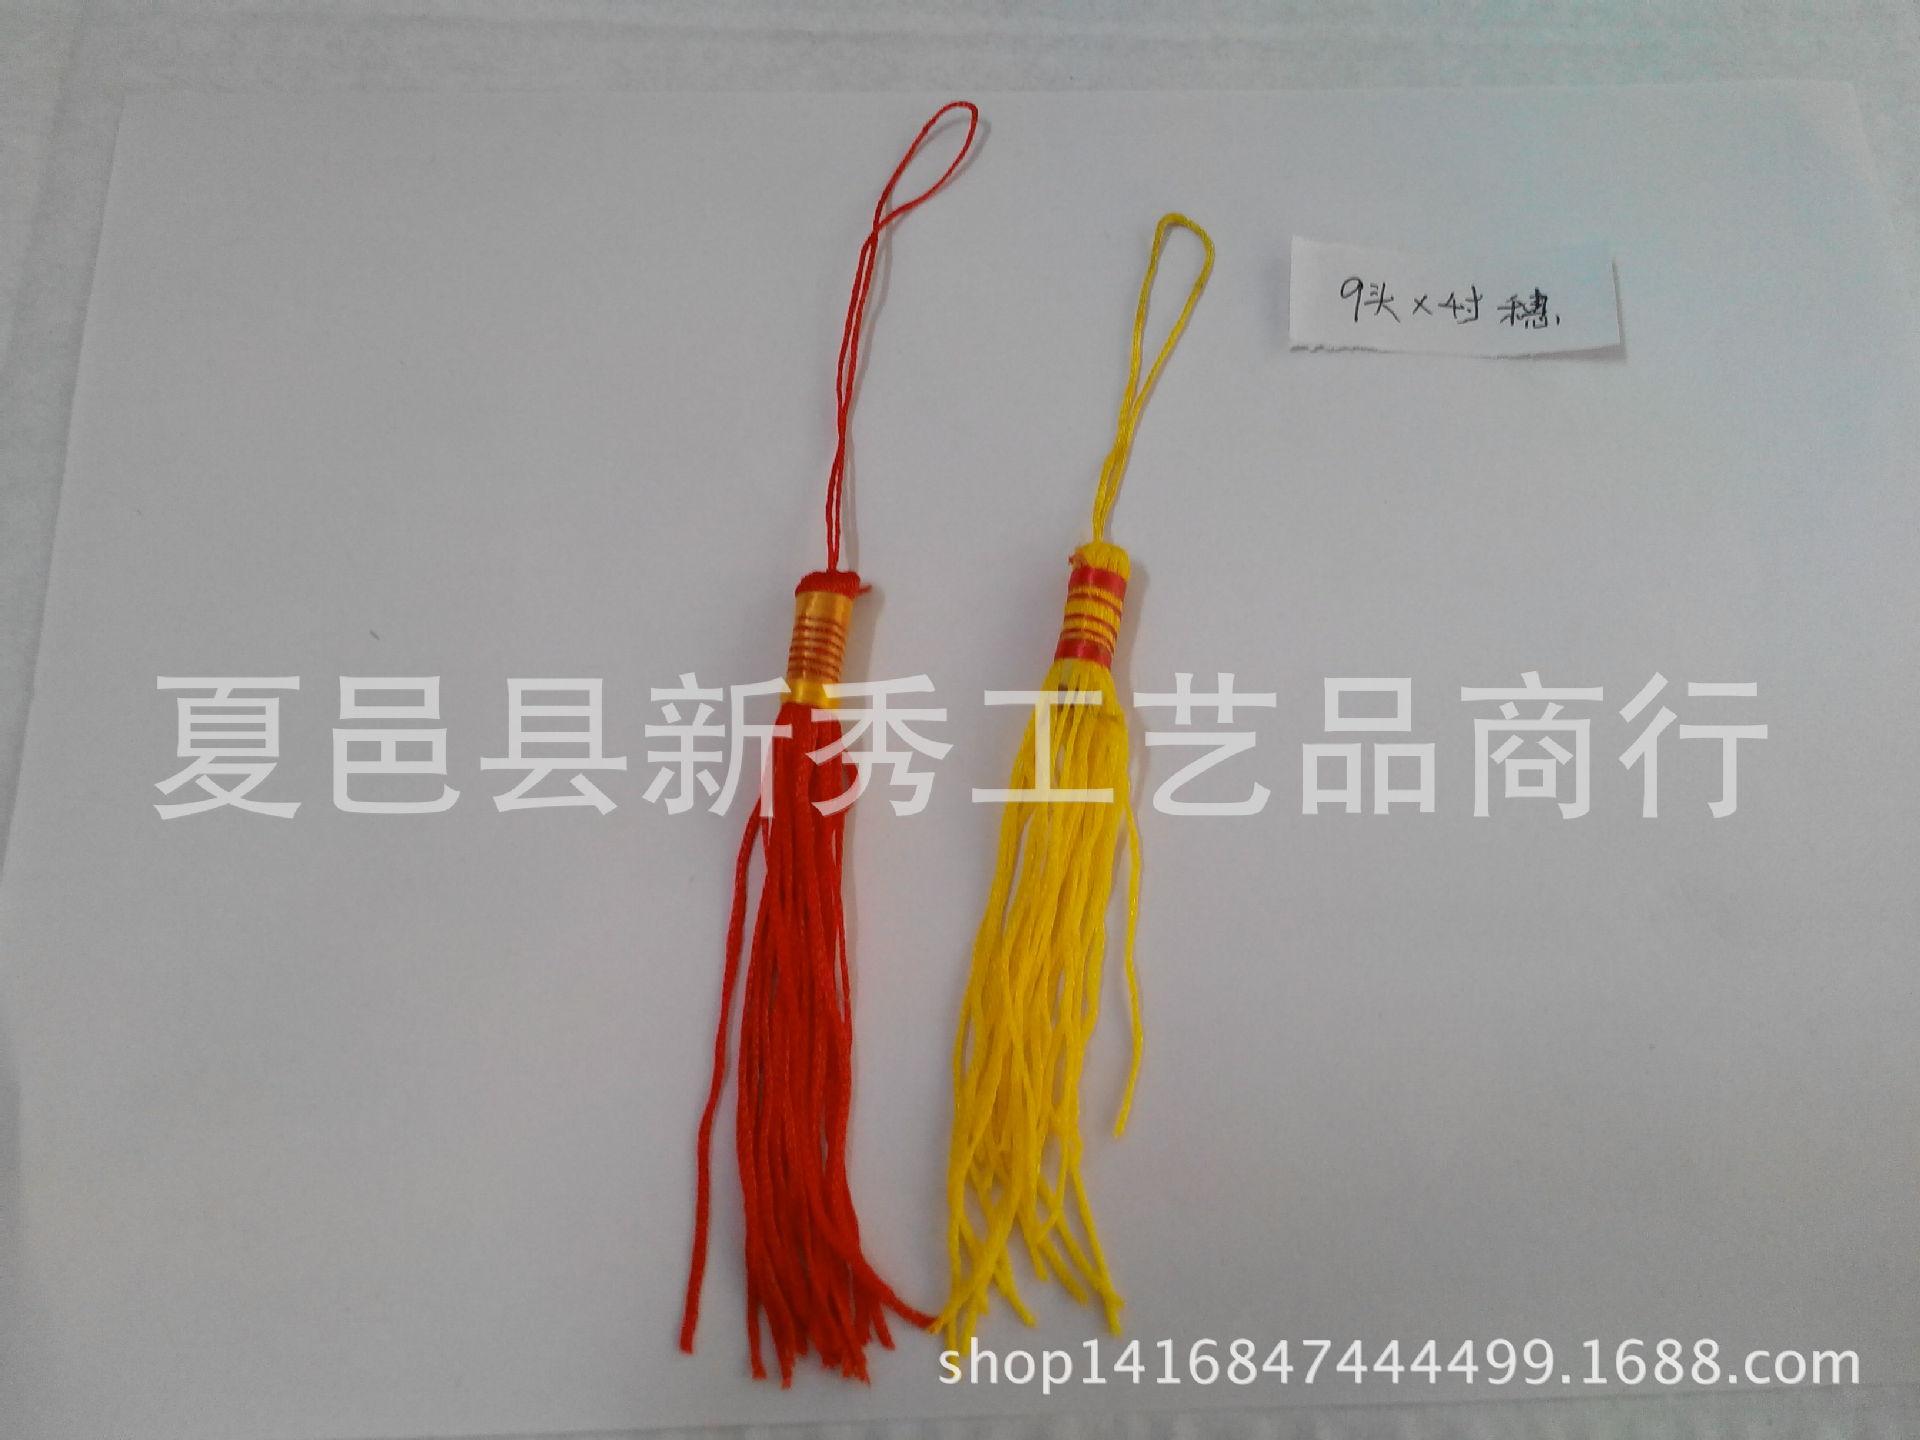 厂家直销 9头*4寸灯穗 吊穗 黄色 红色 绿色 灯笼配饰